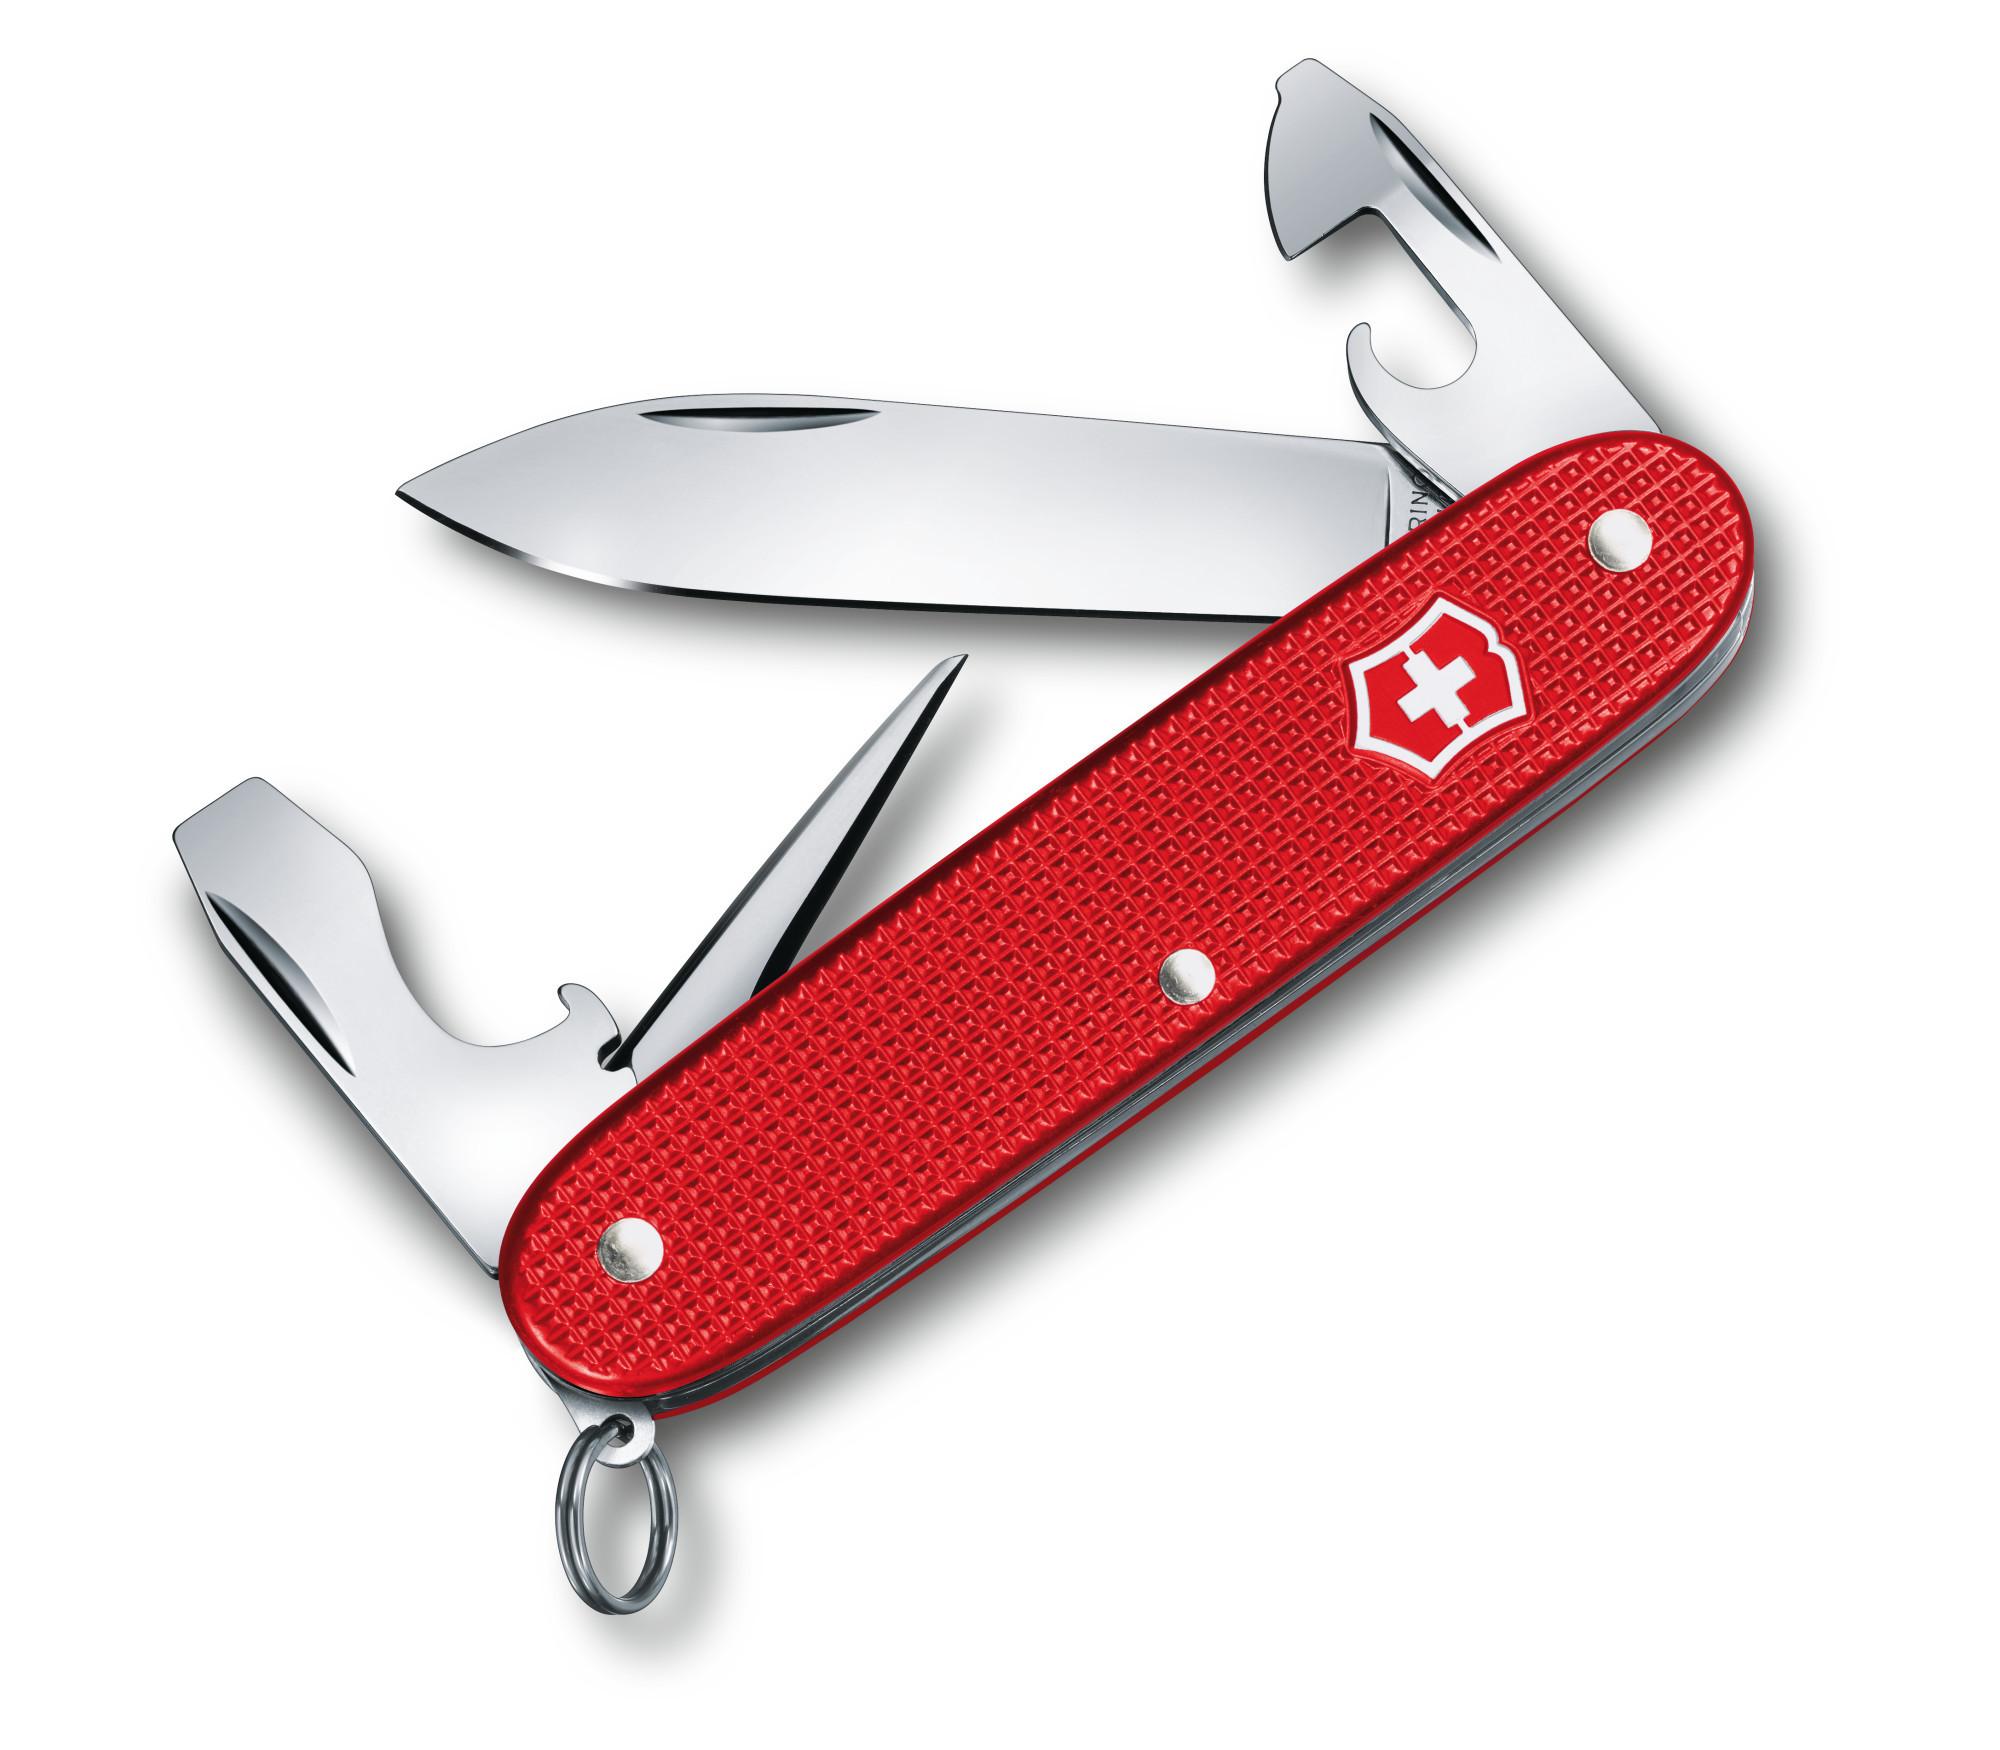 Складной нож Victorinox Pioneer Alox Limited Edition 2018 (0.8201.L18) лимитированное издание, подарочная упаковка